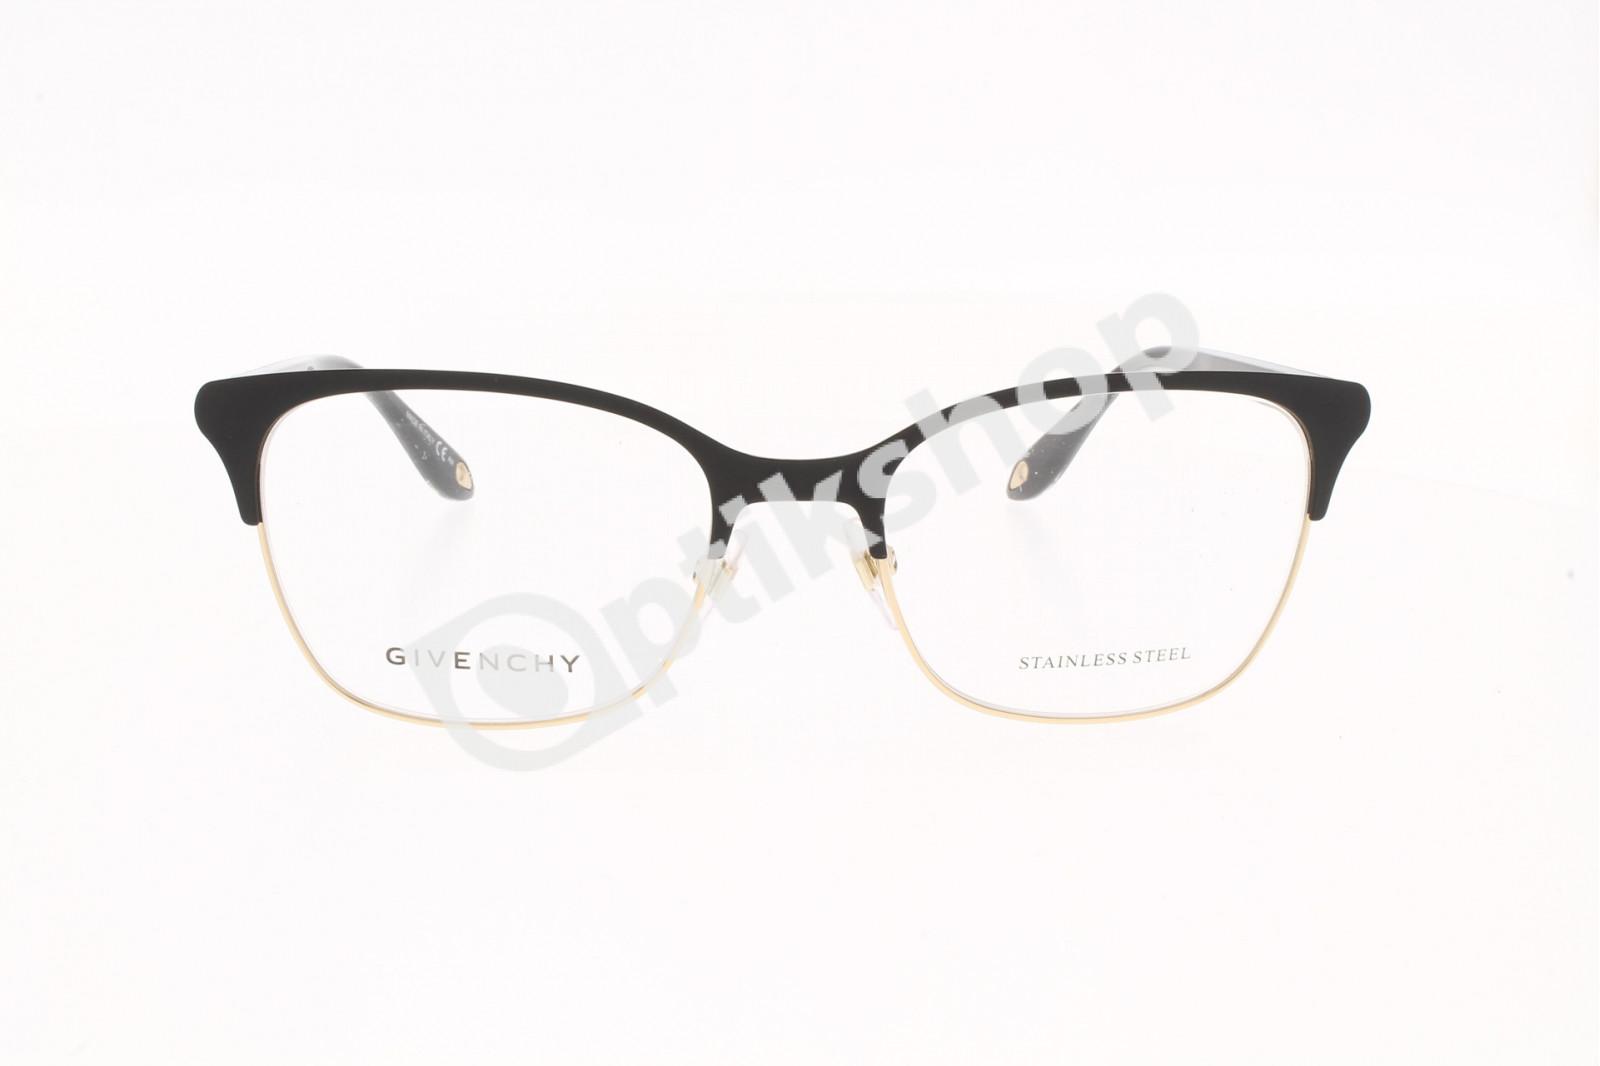 63cb0b91ce Givenchy szemüveg - GV 0076 2M2 52-18-145